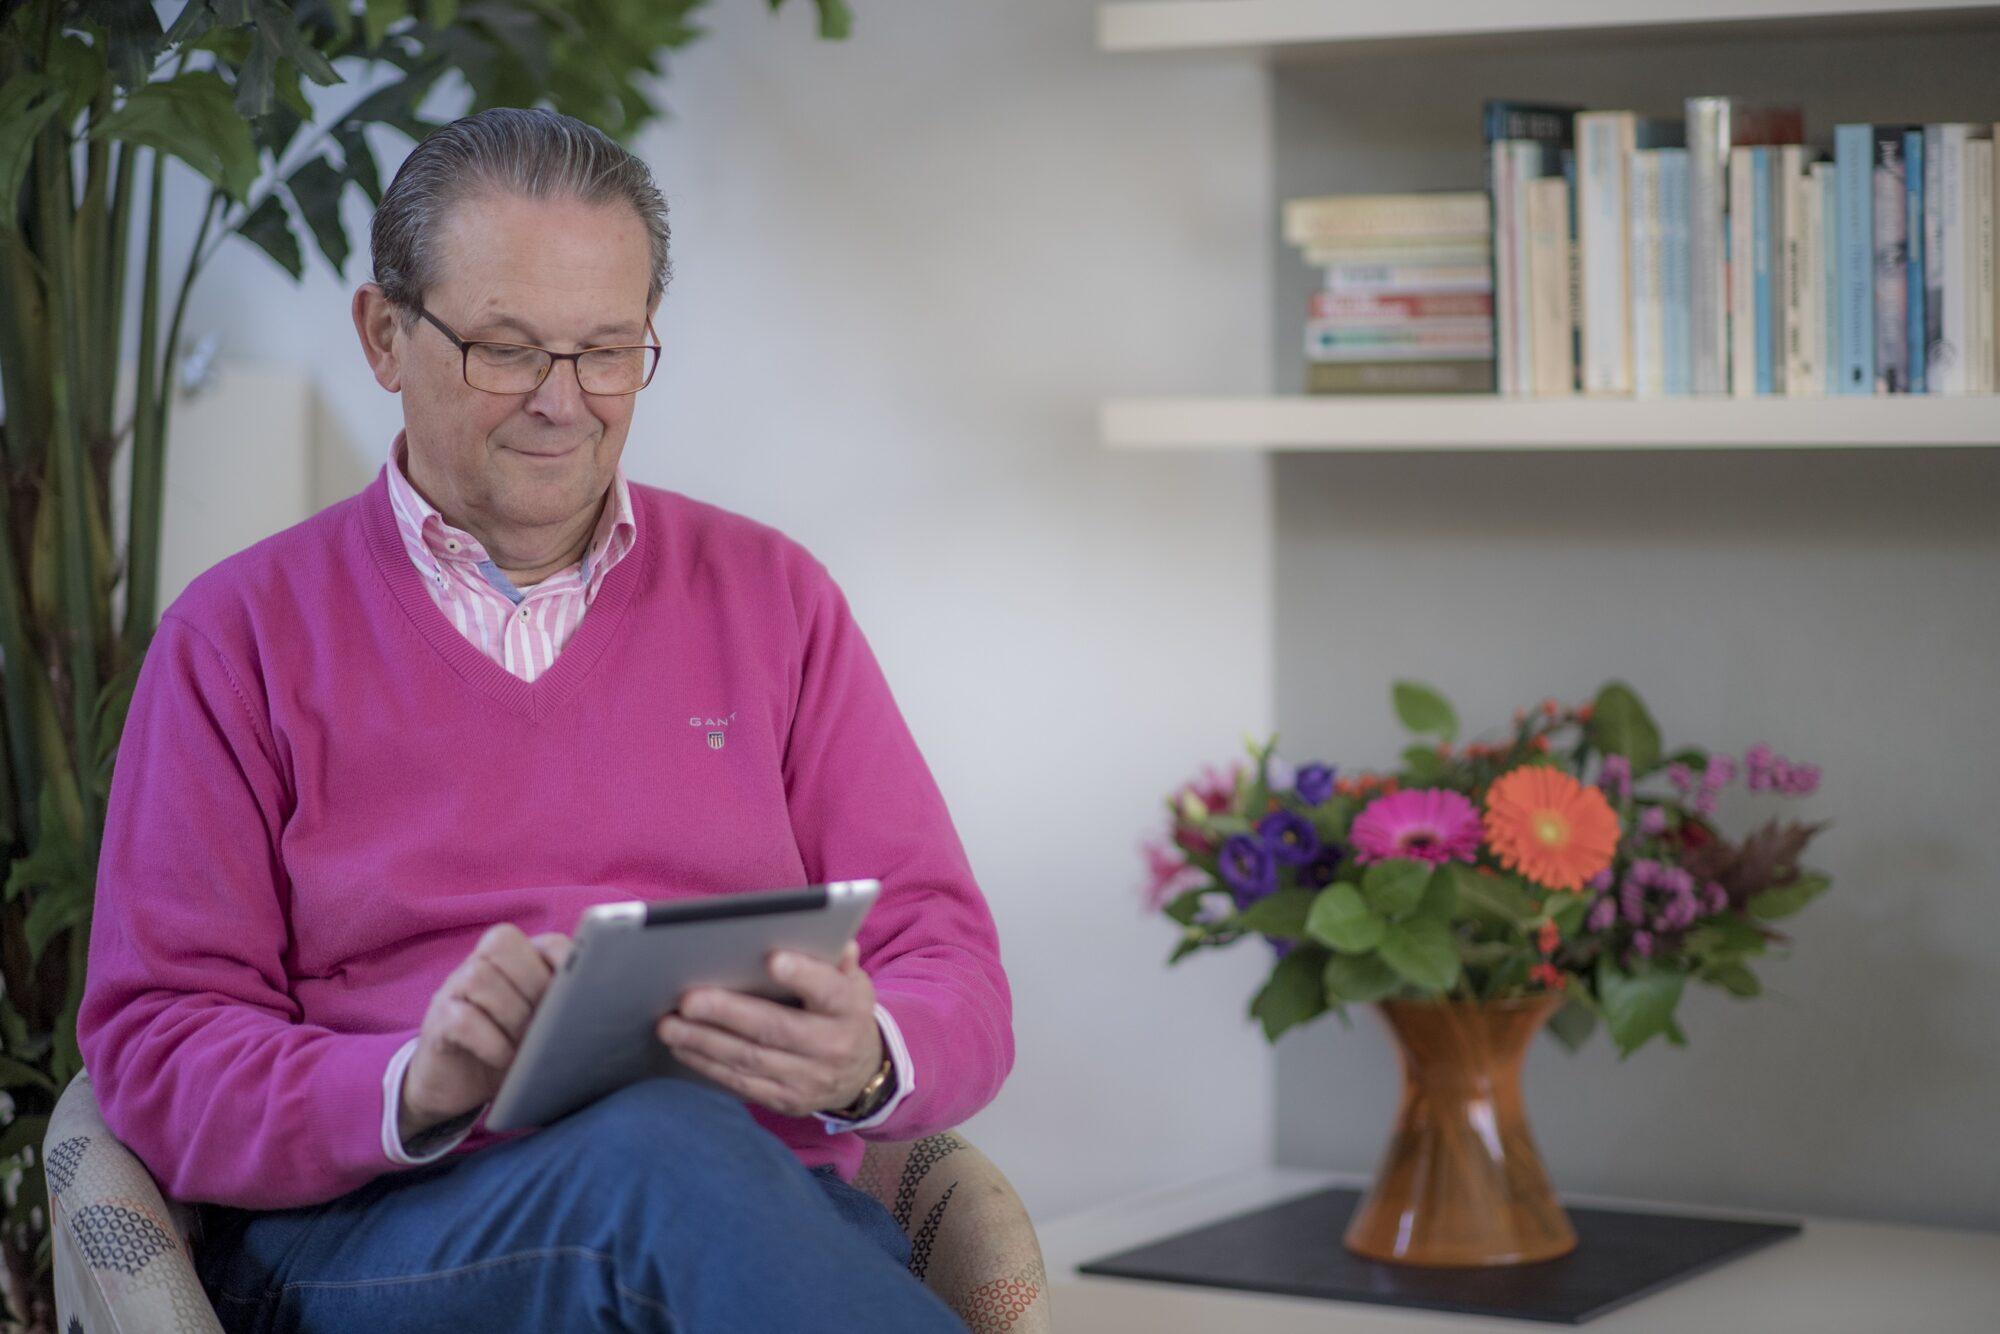 Helft senioren maakt zich zorgen over online privacy